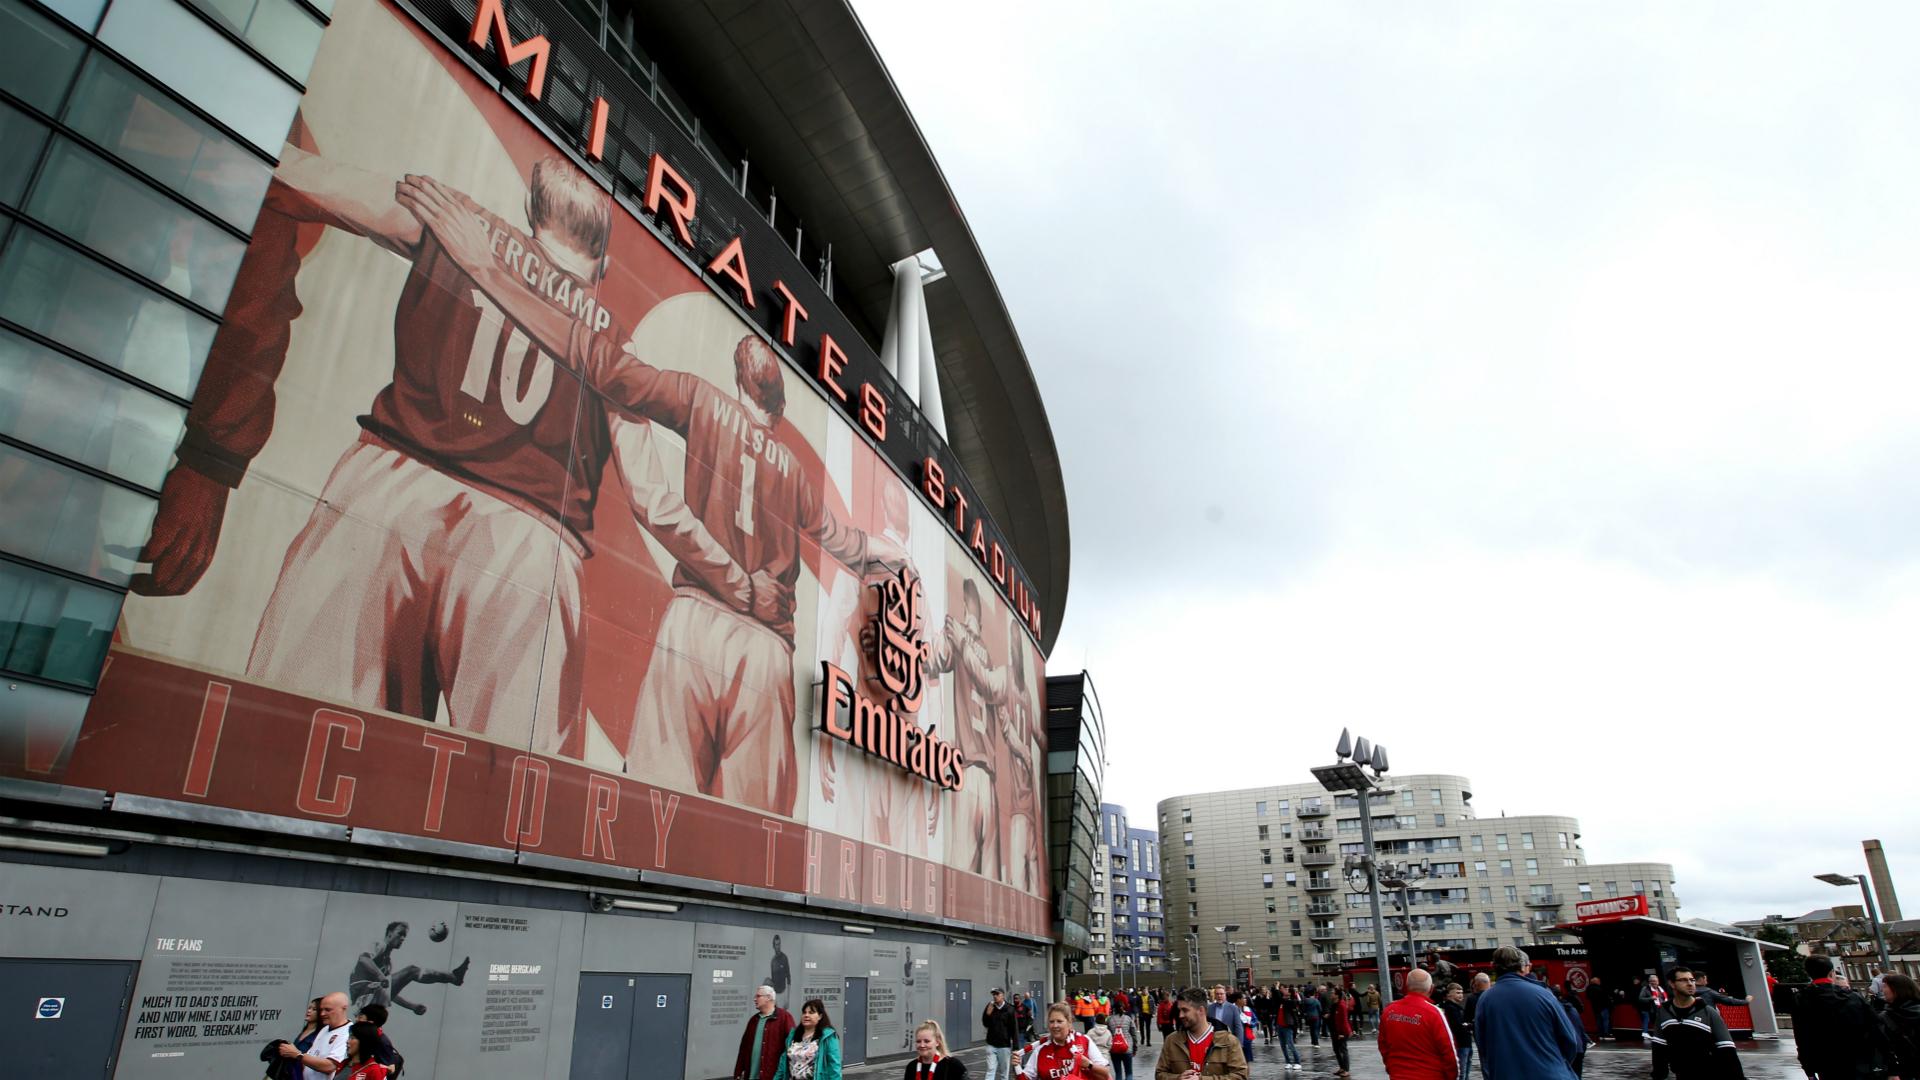 Arsenal takeover bid rejected, says Spotify supremo Ek